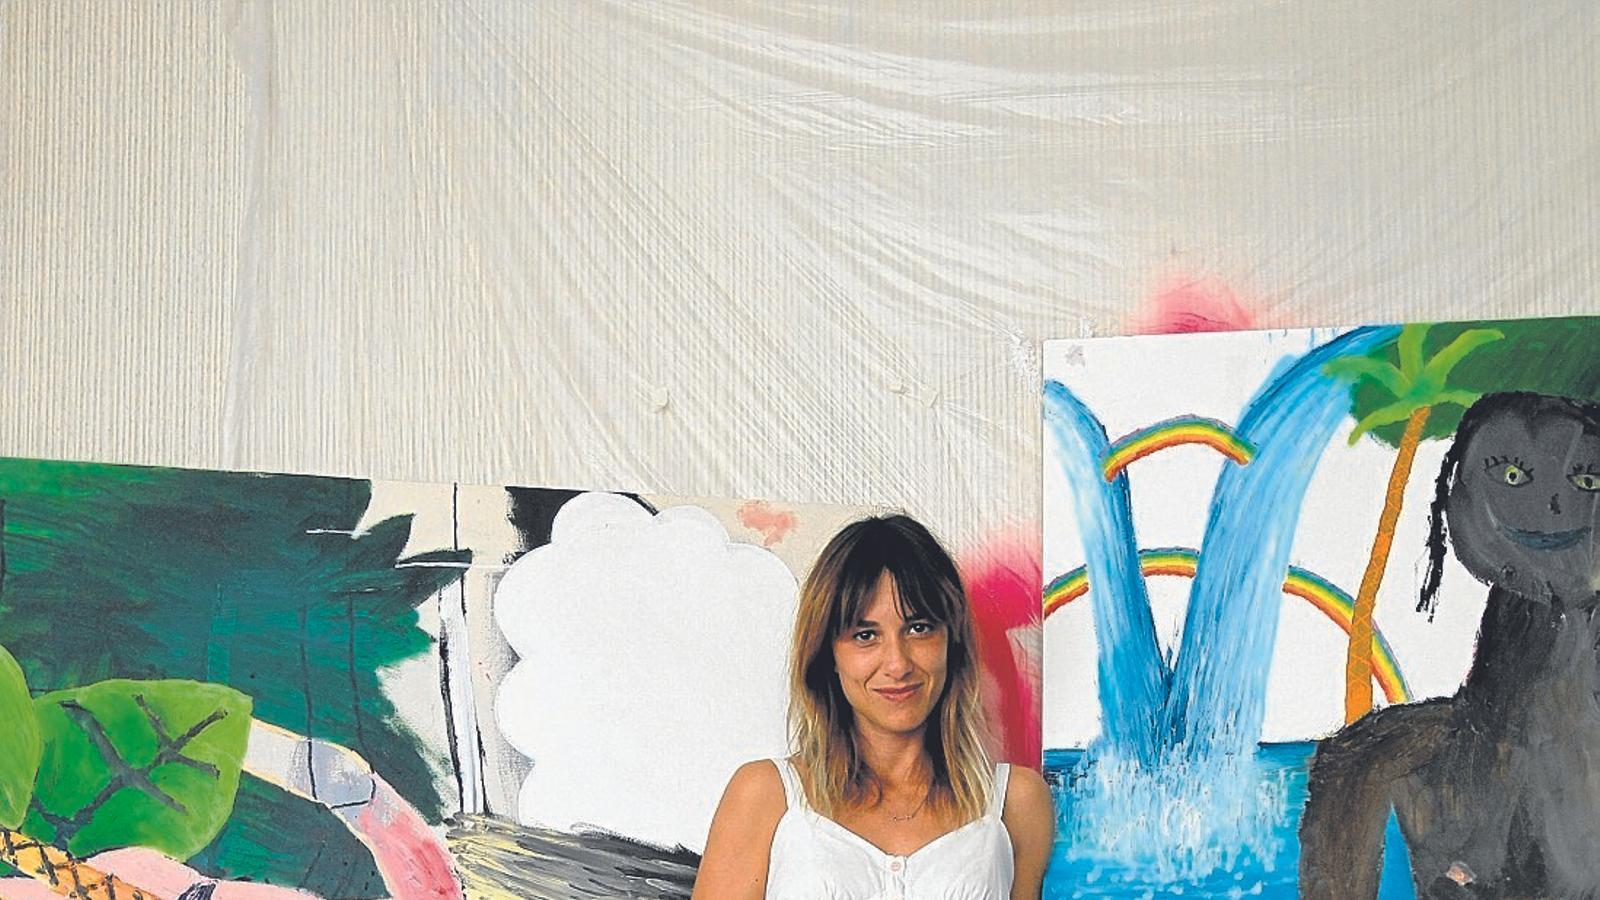 L'artista Bel Fullana